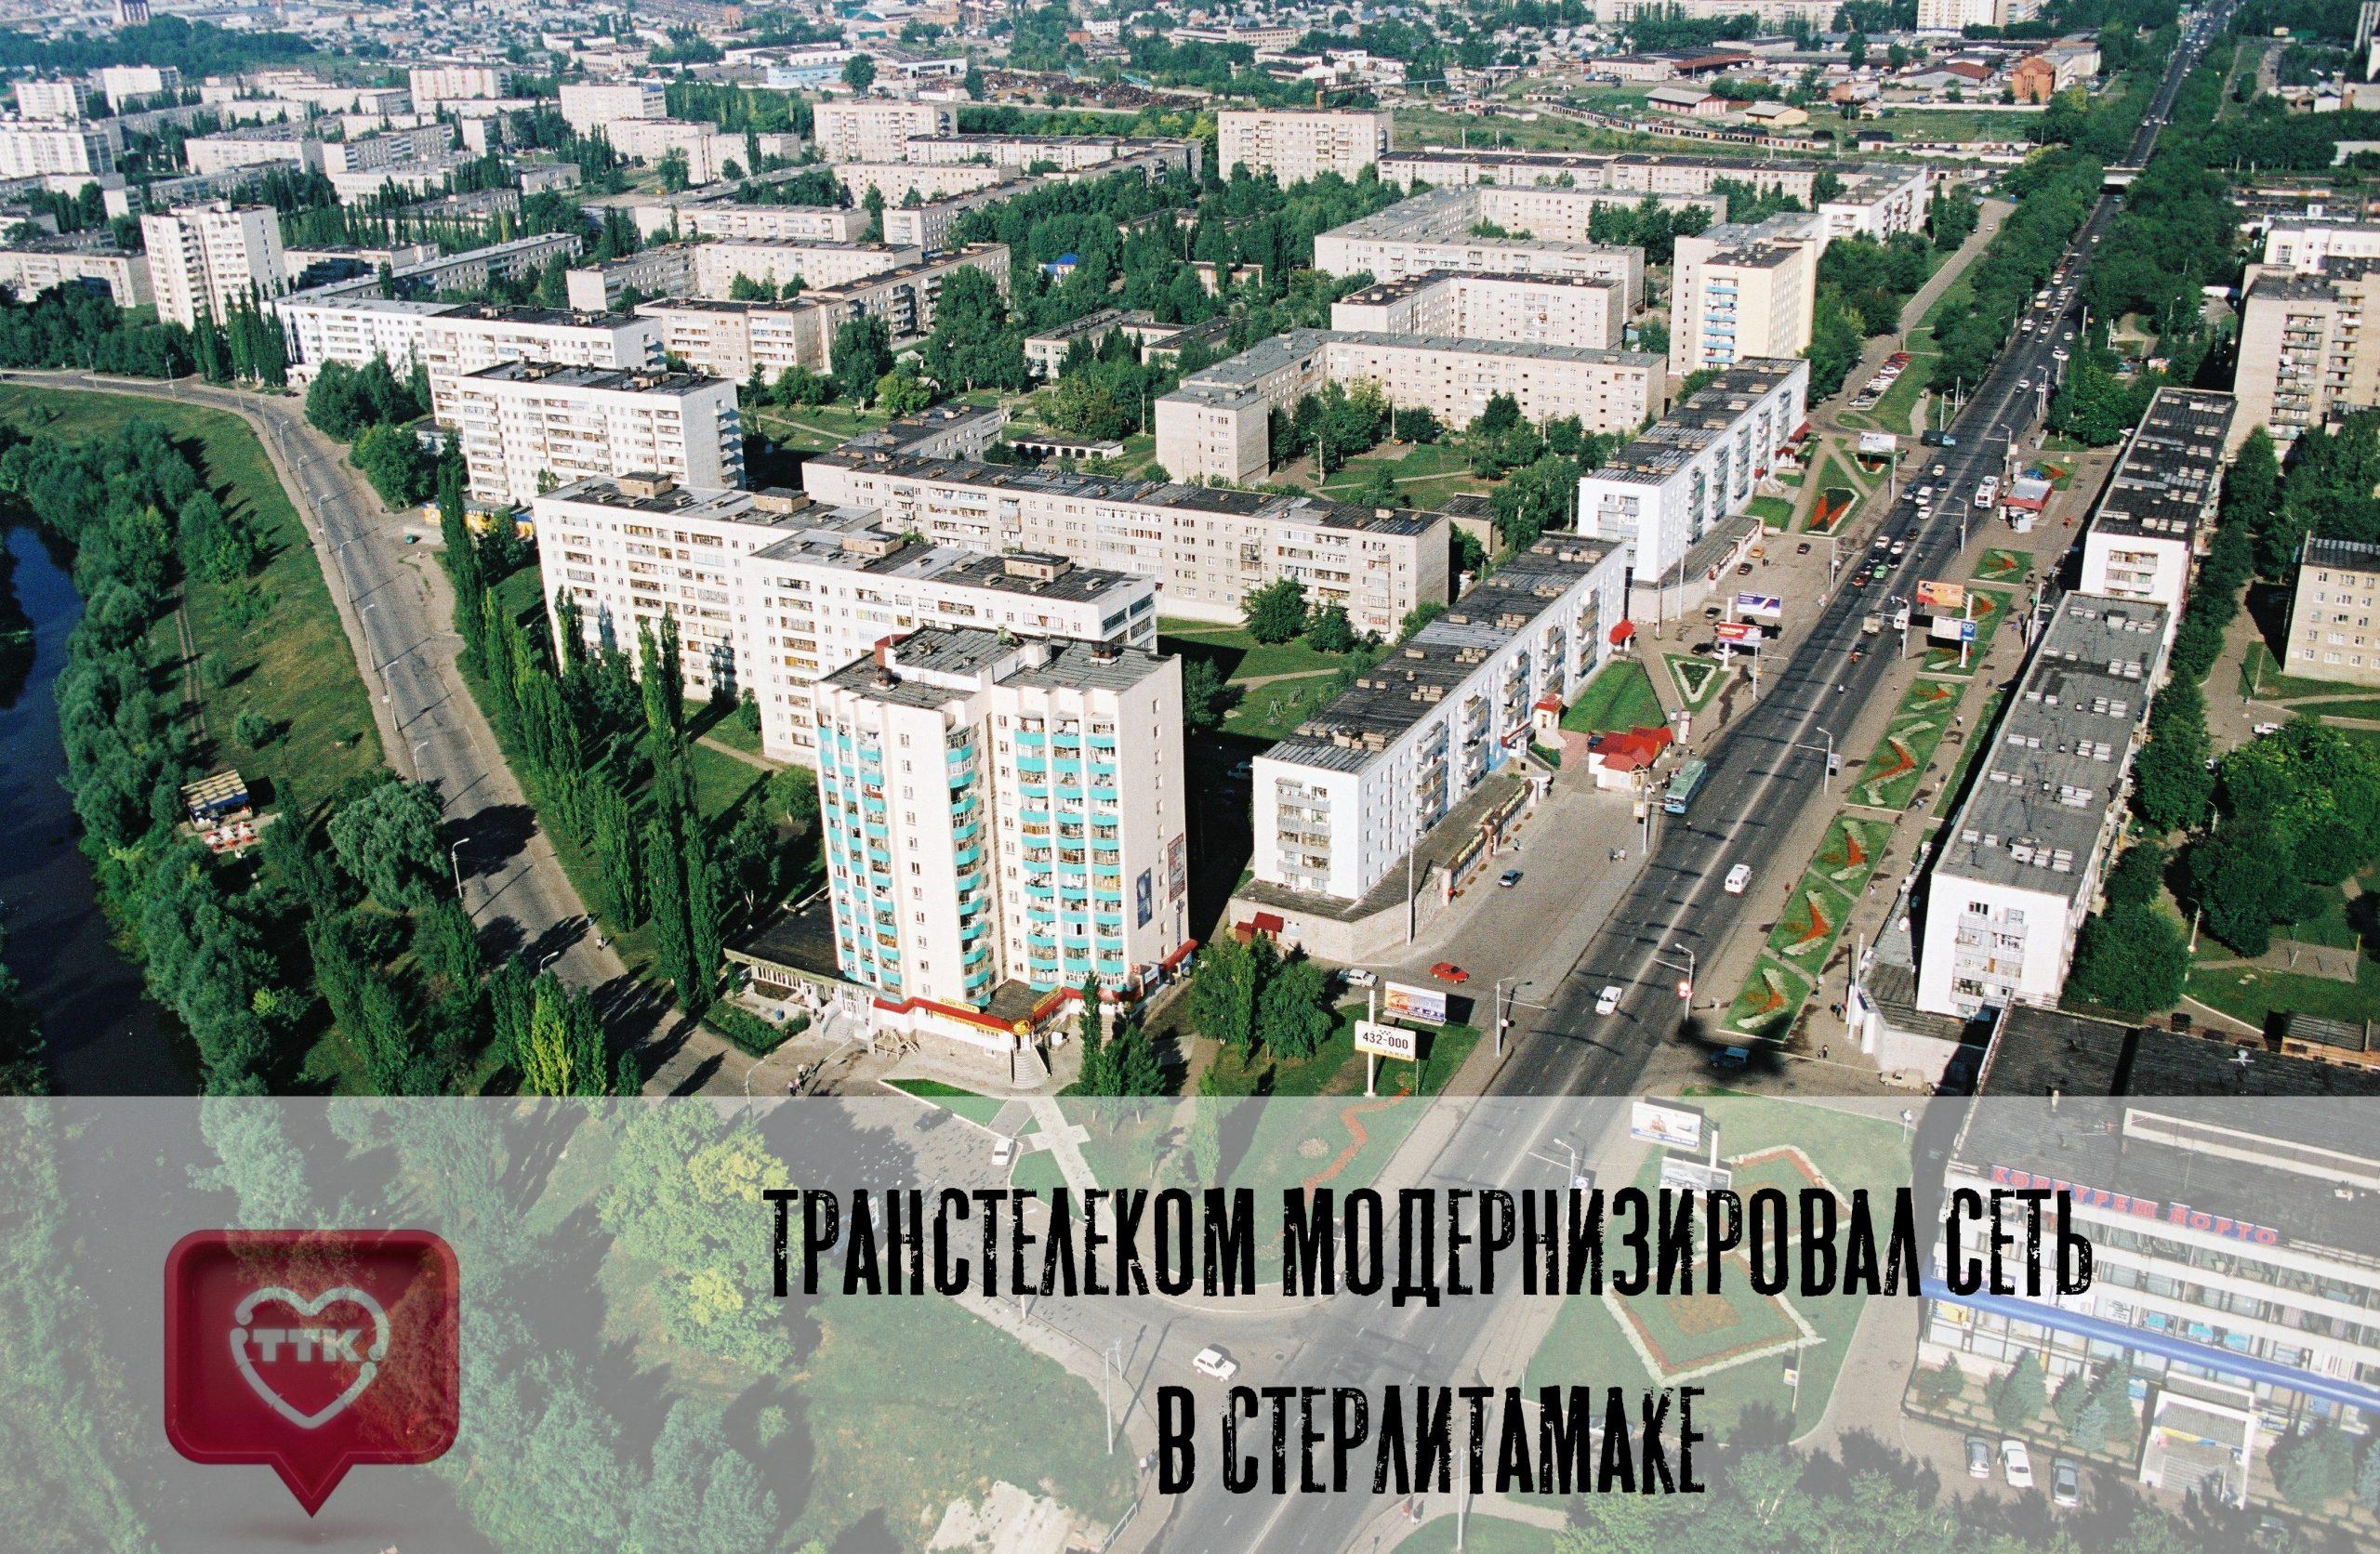 ТТК модернизировал сеть в Стерлитамаке 1